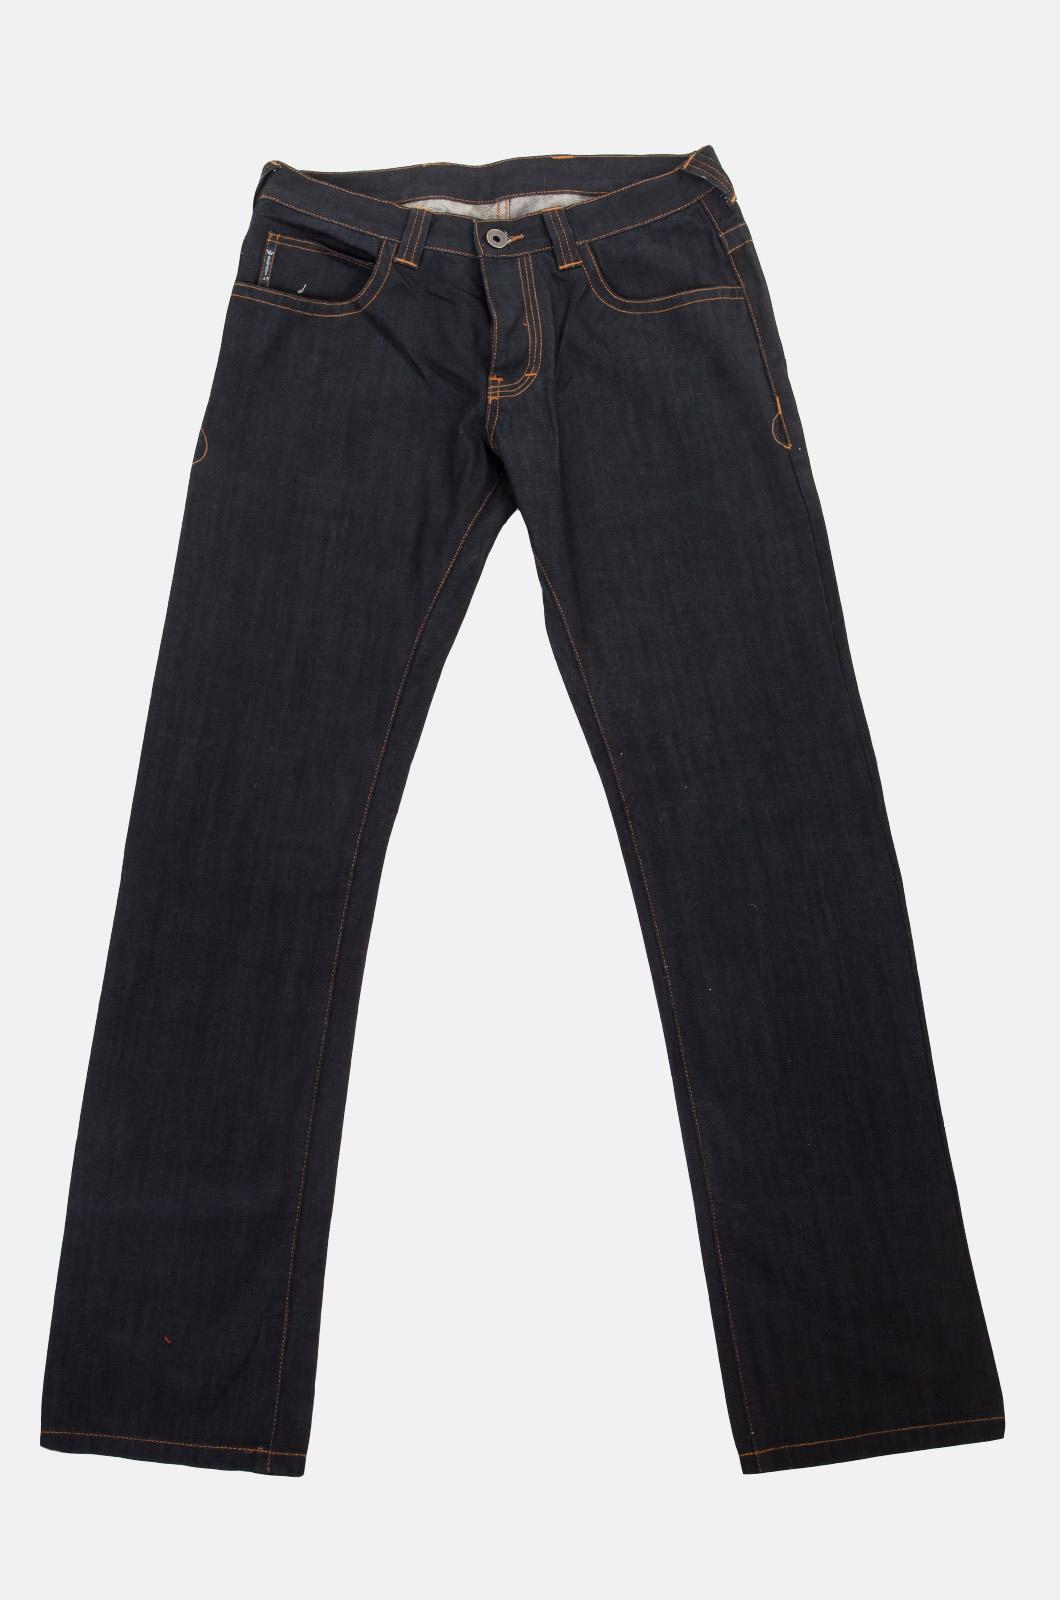 Черные мужские джинсы от итальянского бренда ARMANI JEANS 790d43cf39a